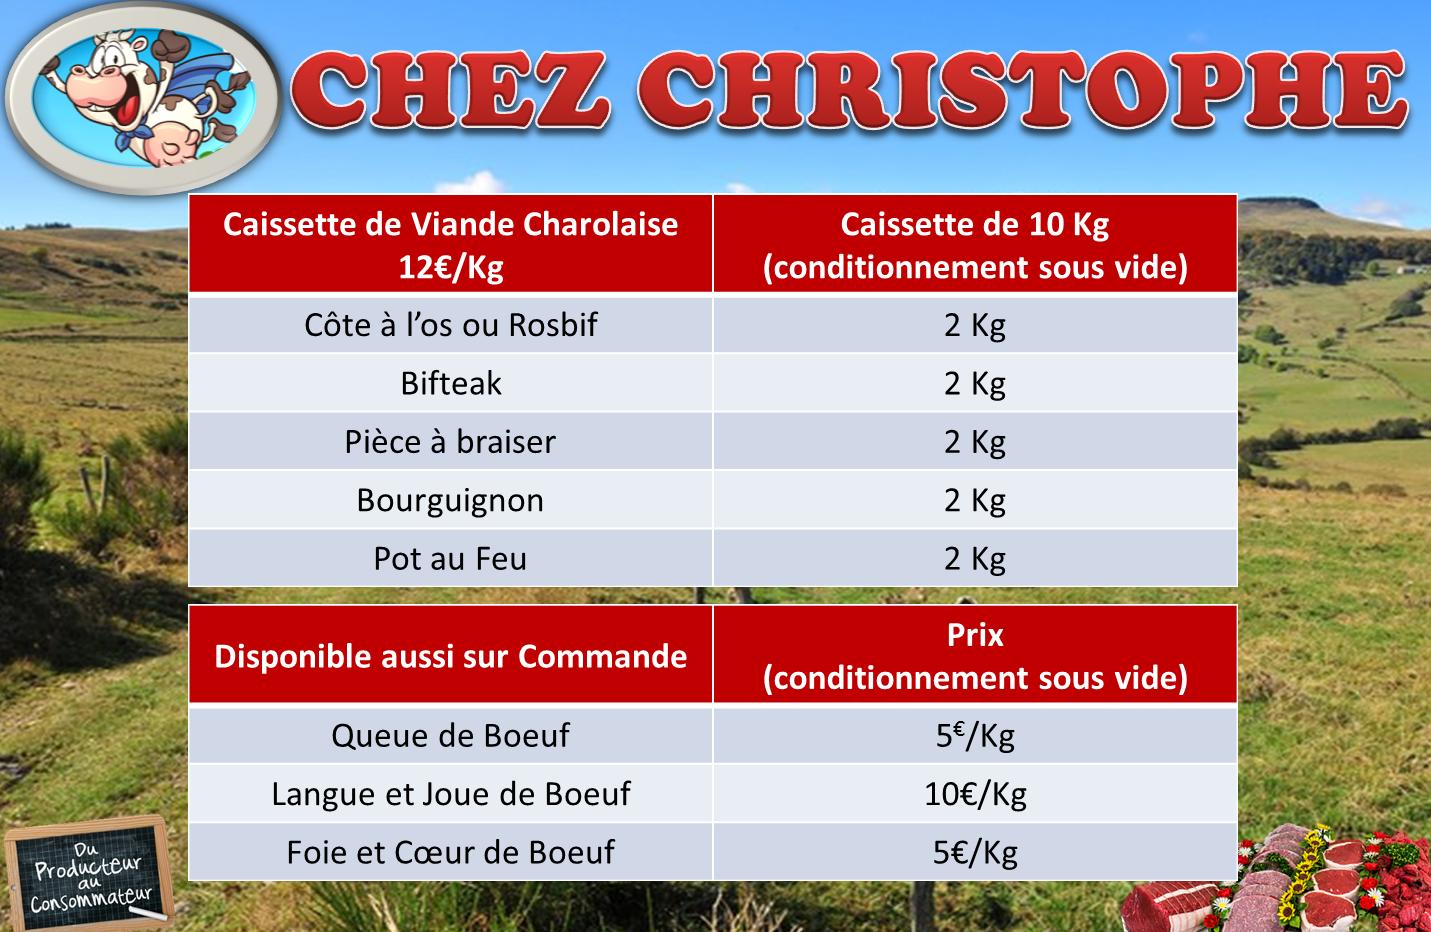 Caissette de 10 Kg de viande de race Charolaise